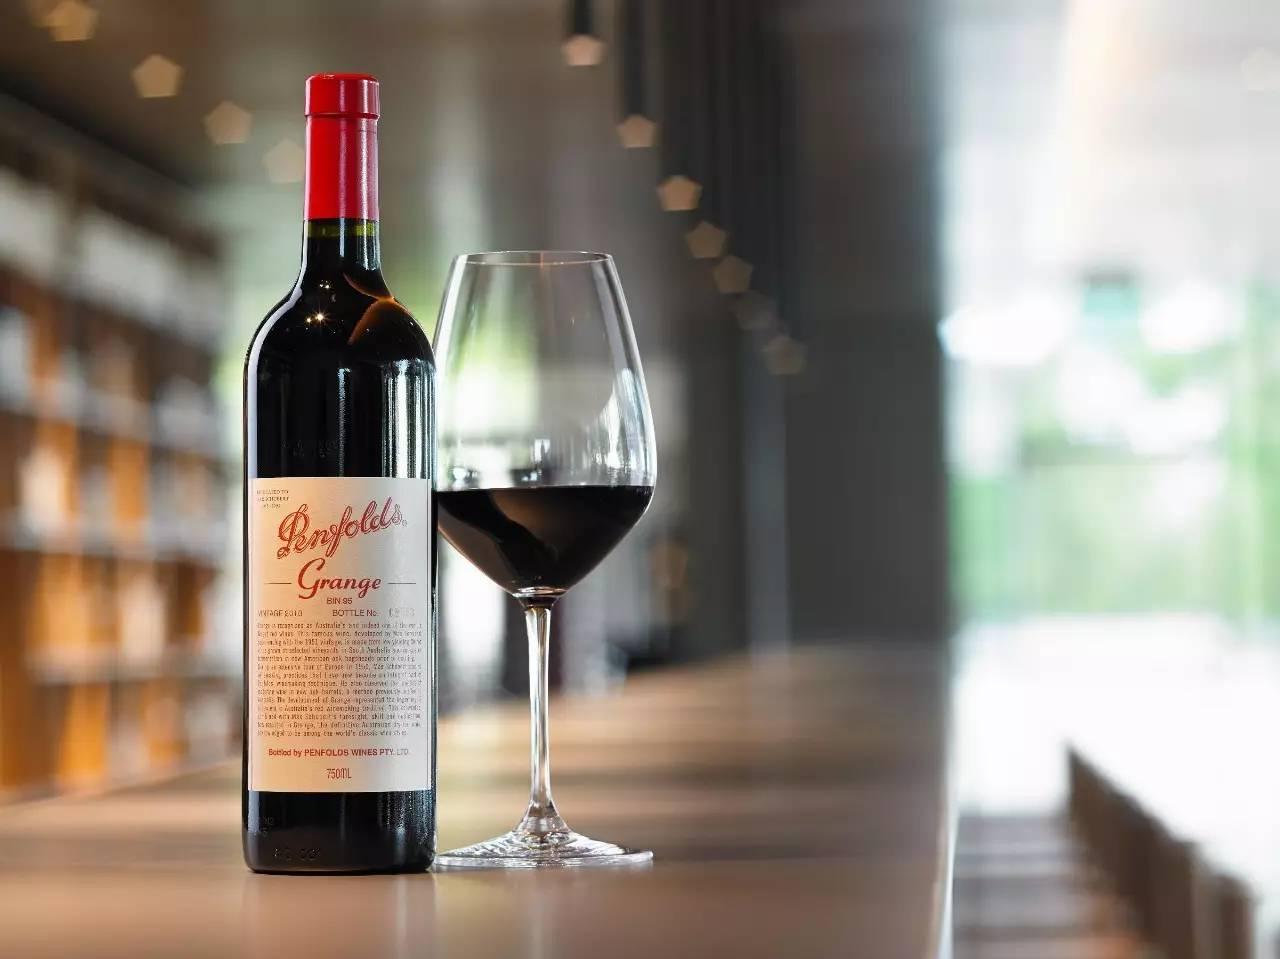 餐厅选酒的经验和原则你都知道吗?